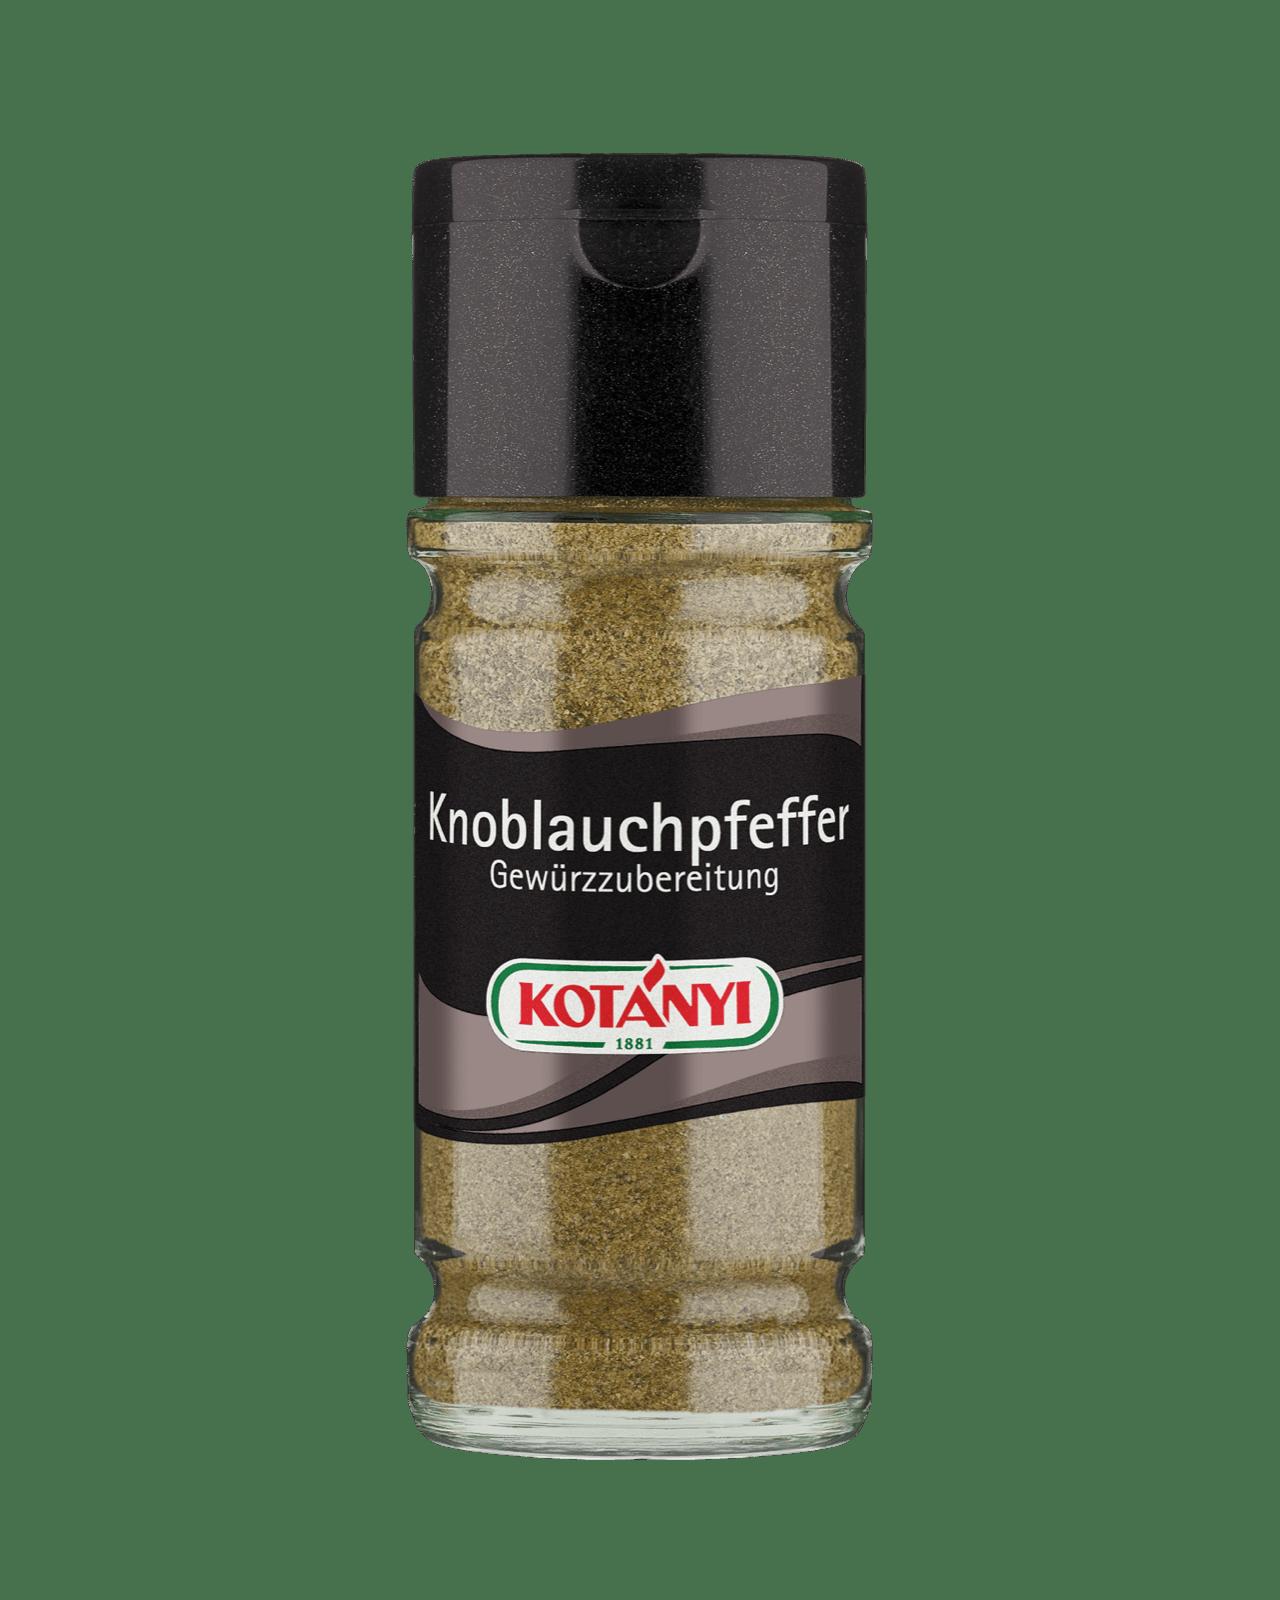 Kotányi Knoblauchpfeffer im Glas